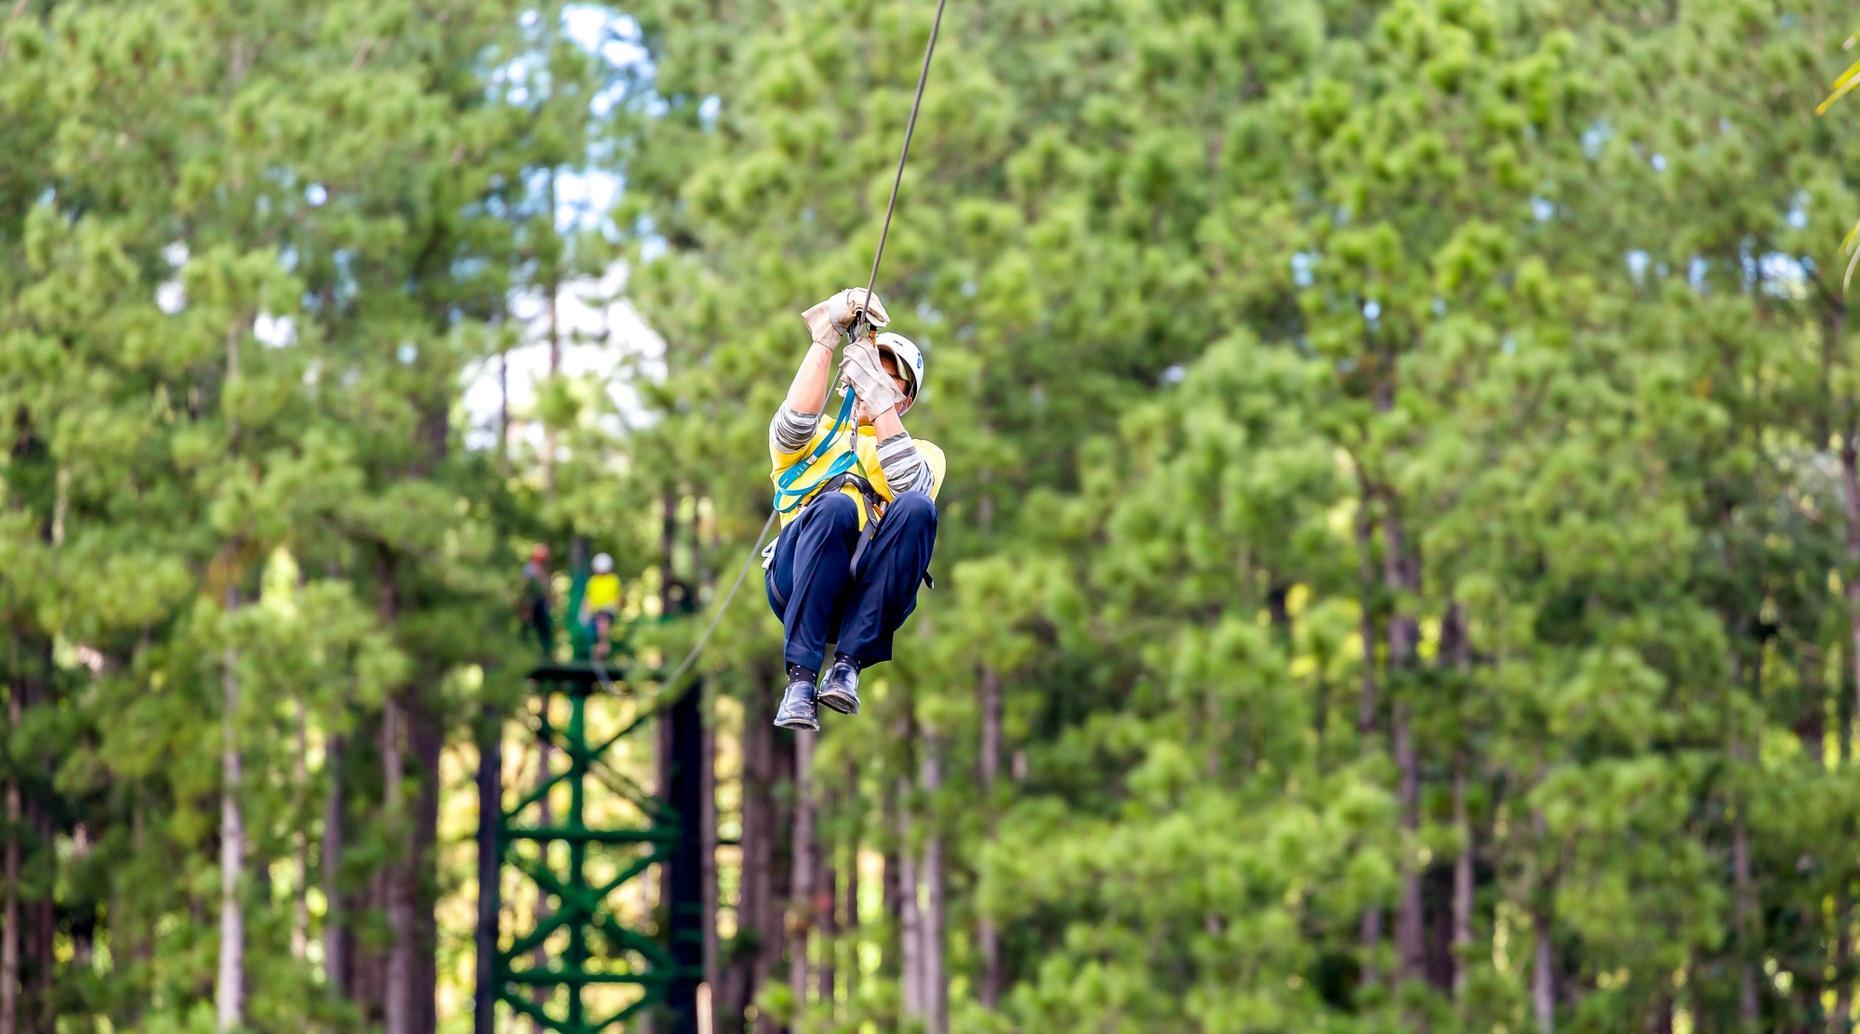 Ozarks Xplorer Canopy Tour in Branson